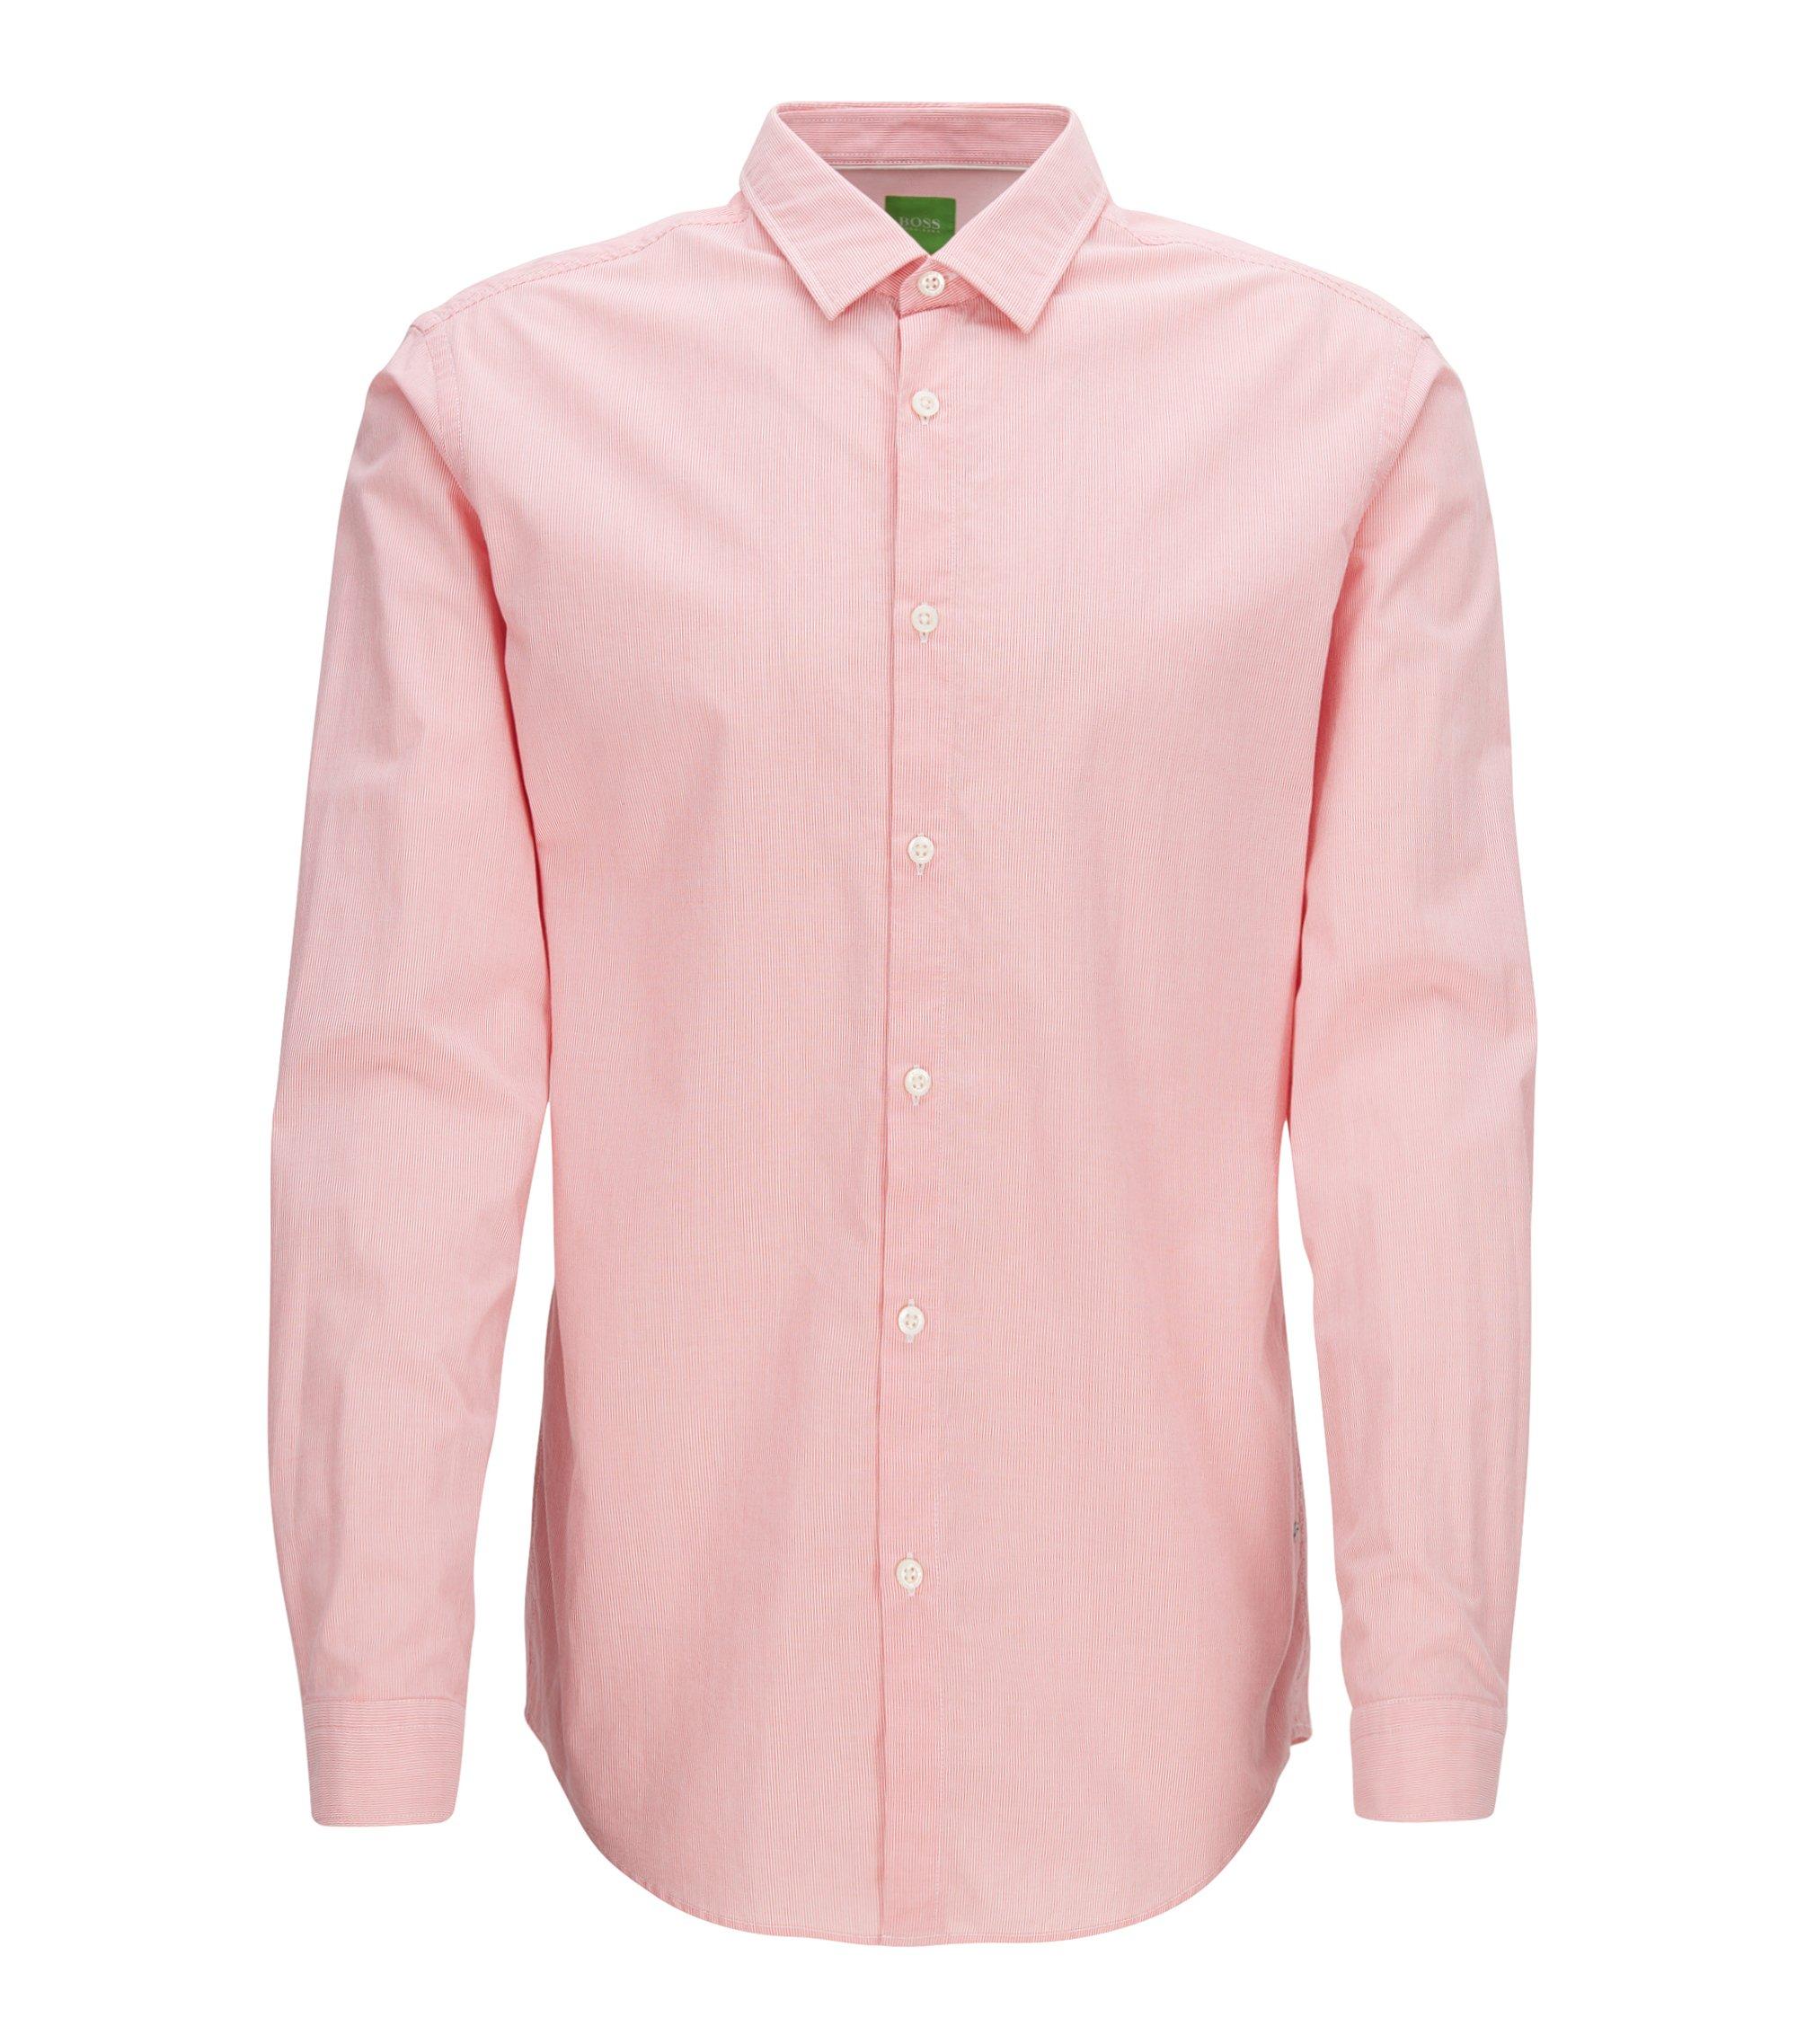 Fein gestreiftes Regular-Fit Hemd aus angerauter Baumwolle, Hellrot